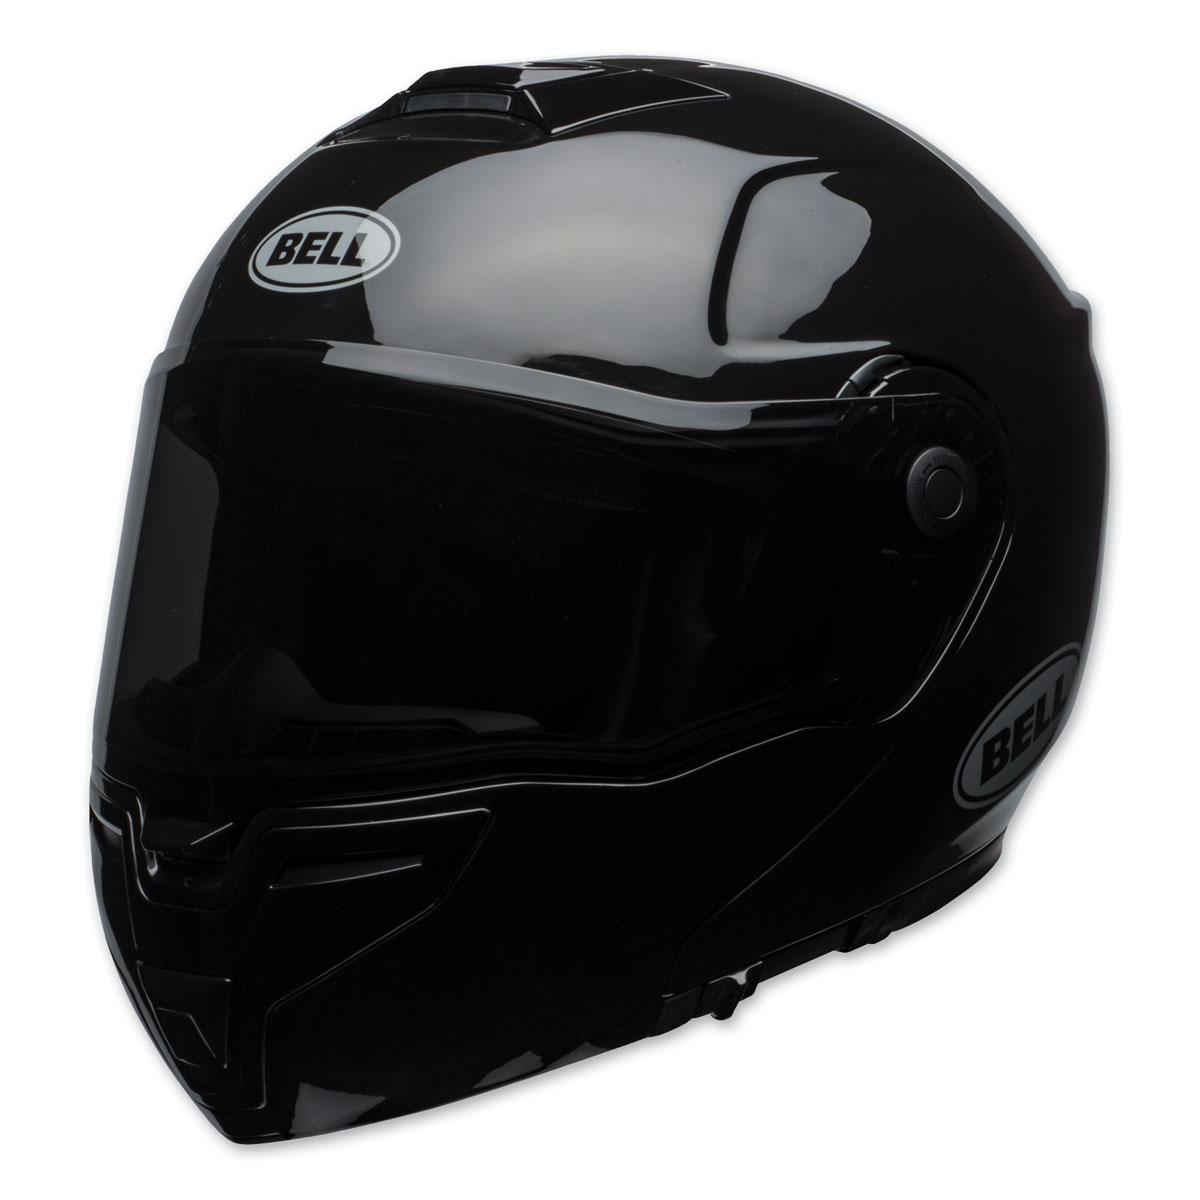 Bell SRT Gloss Black Modular Helmet